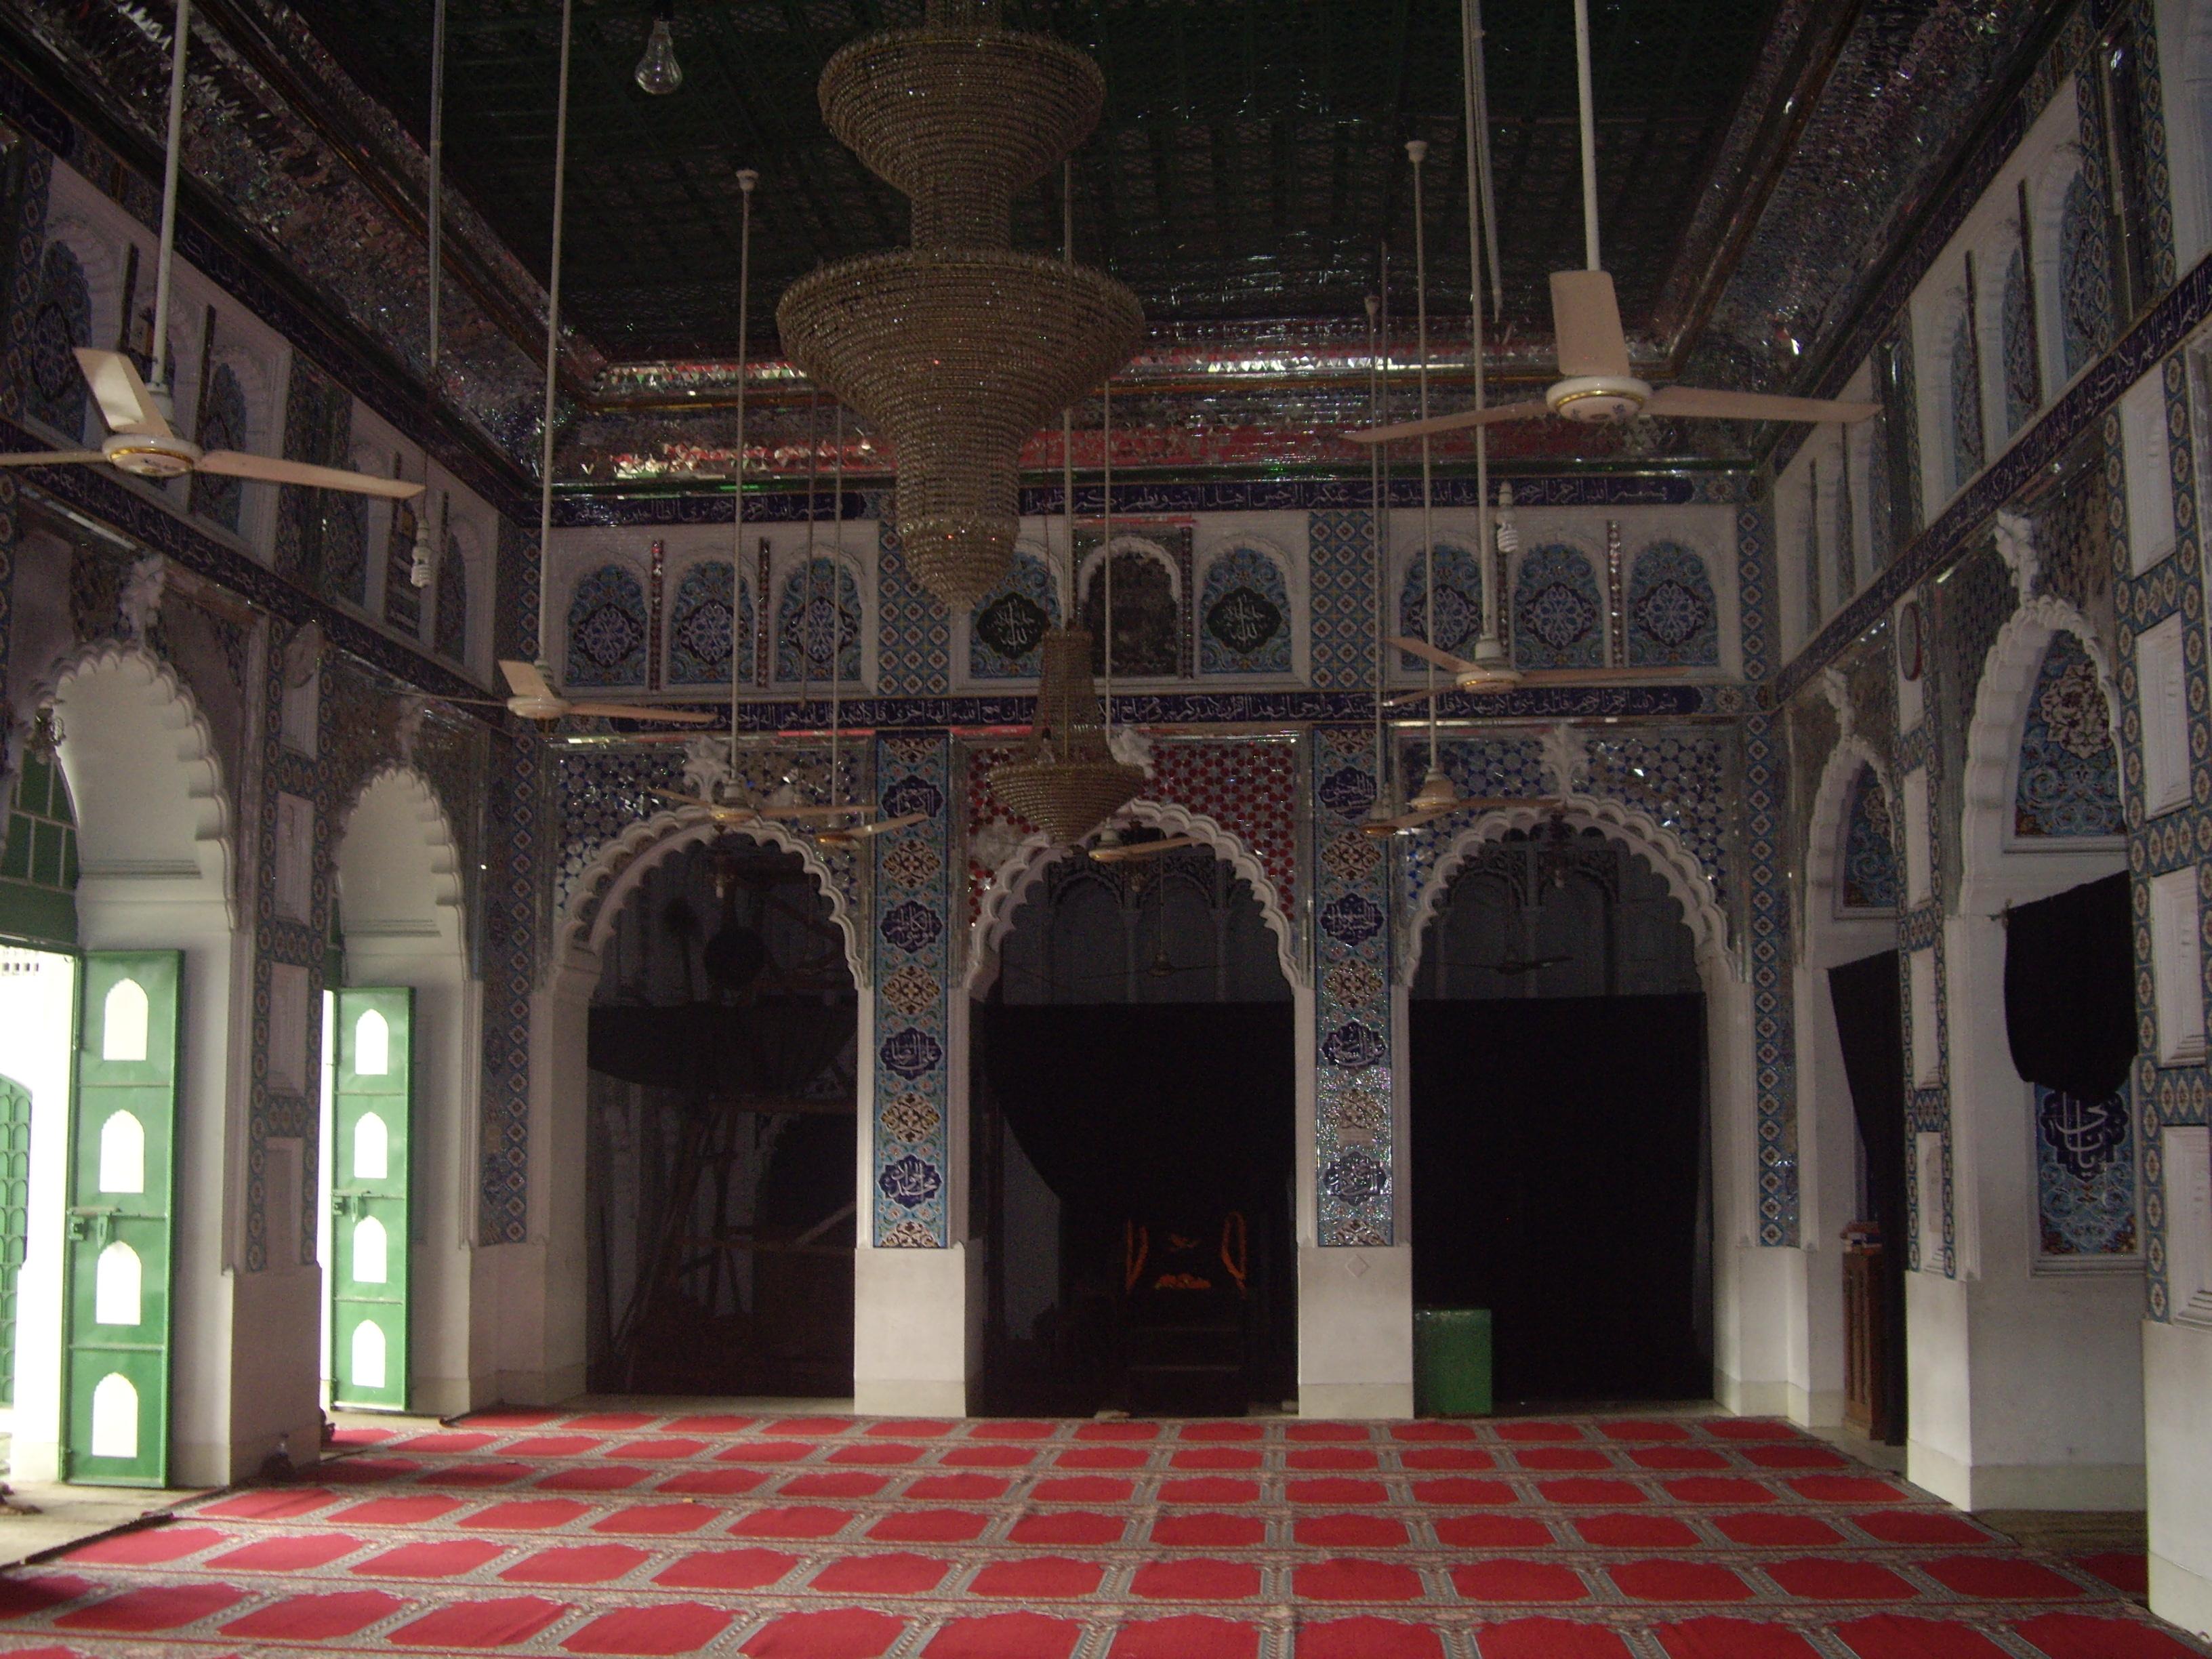 Ισλαμική τέχνη: αραβουργήματα, καλλιγραφία, τάπητες, ψηφιδωτά...